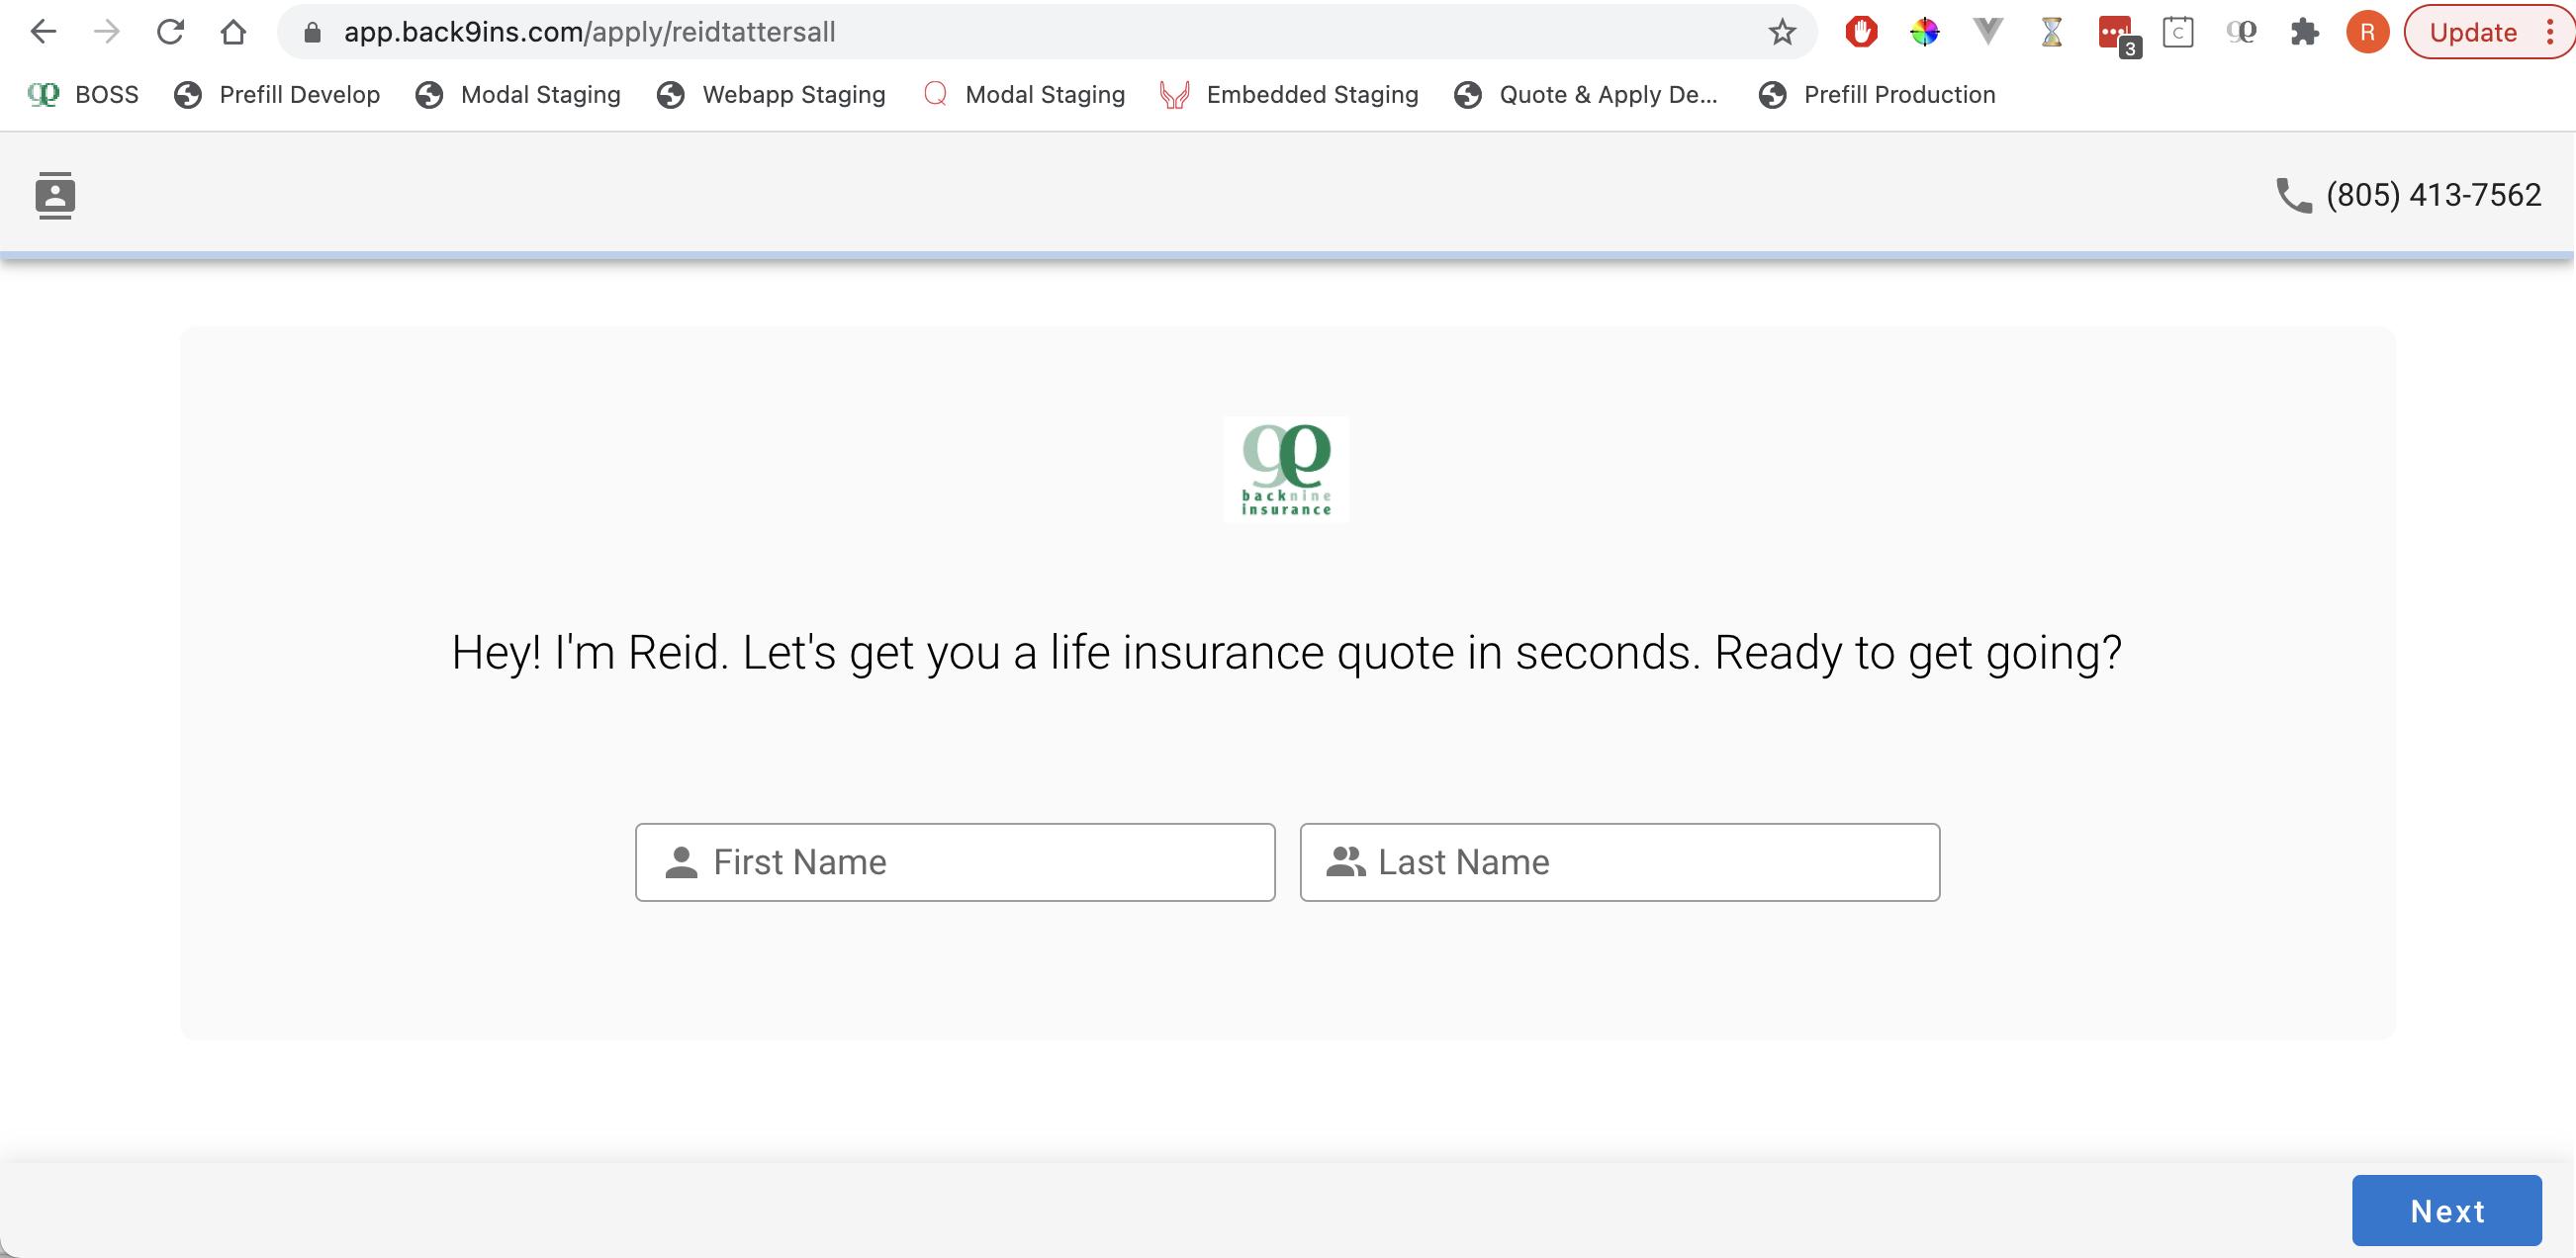 Customer Screenshot 2